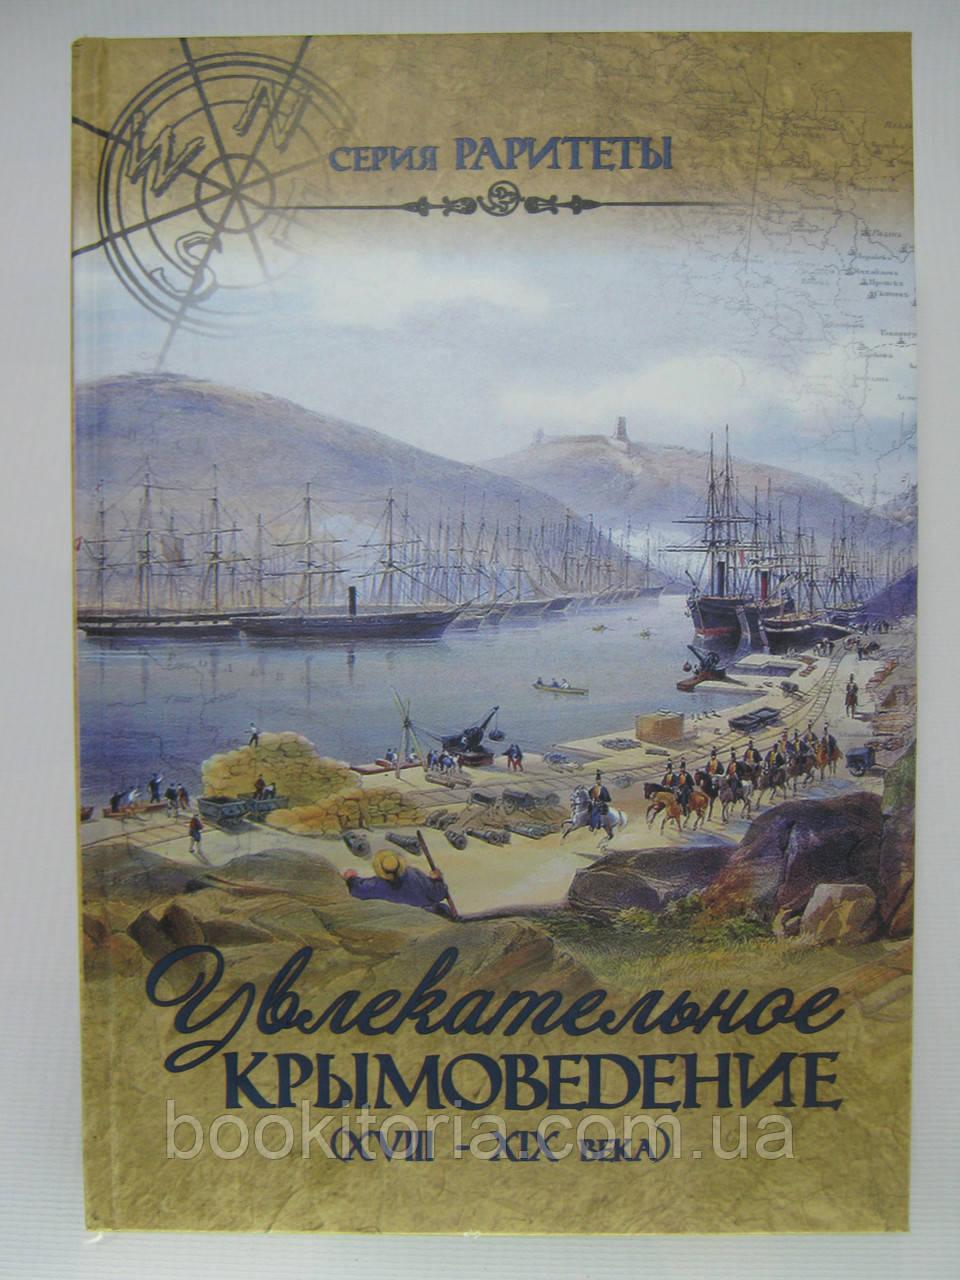 Увлекательное крымоведение (XVIII-XIX века) (б/у).